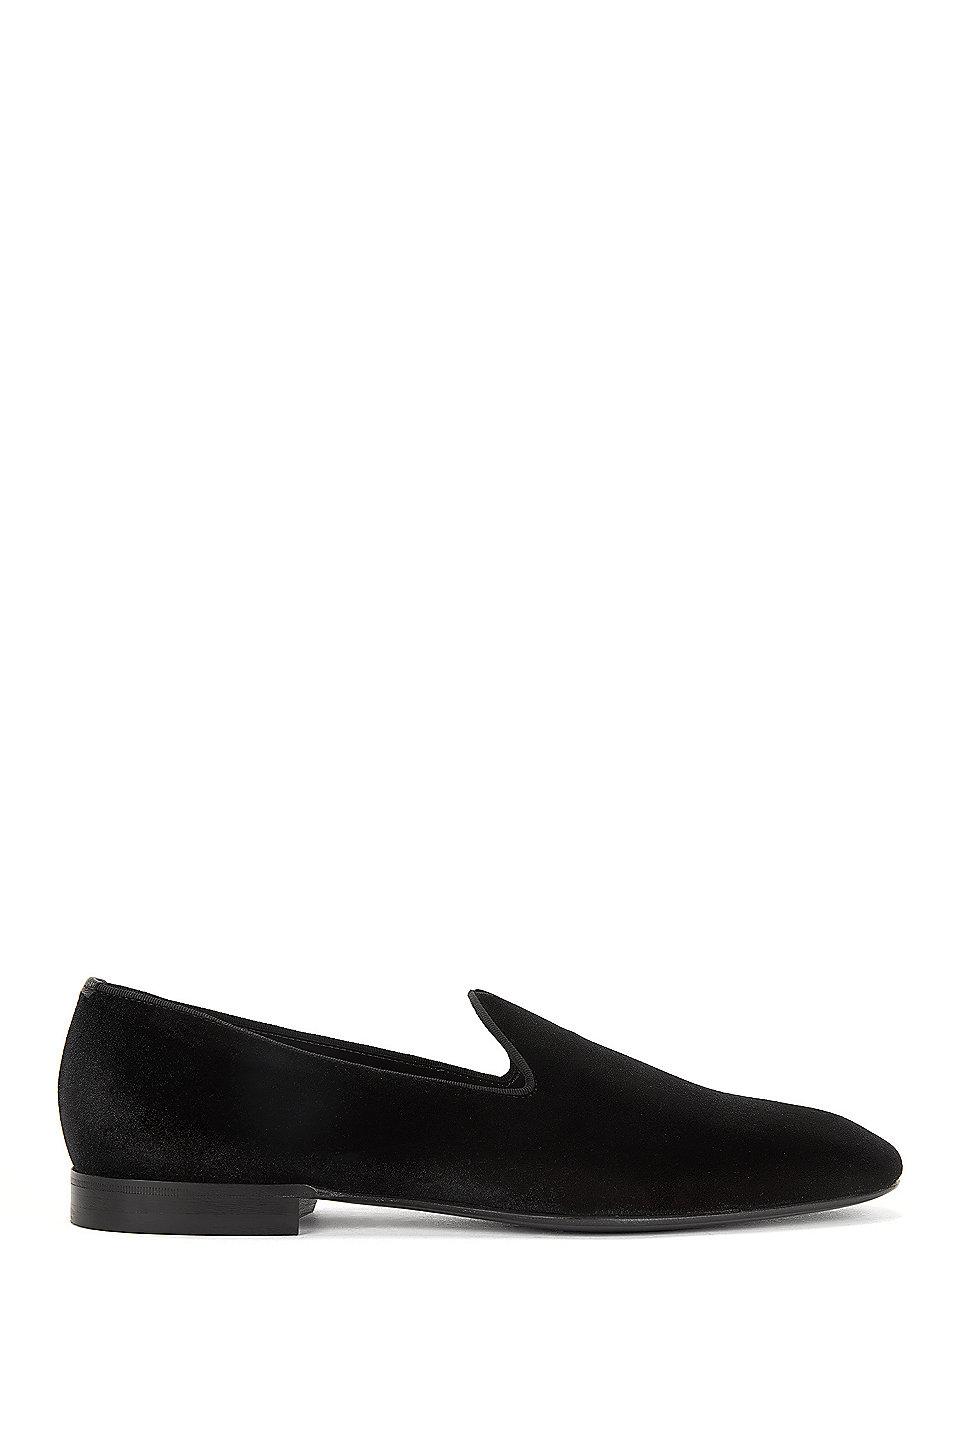 Velvet Opera Shoe | Glam , Black